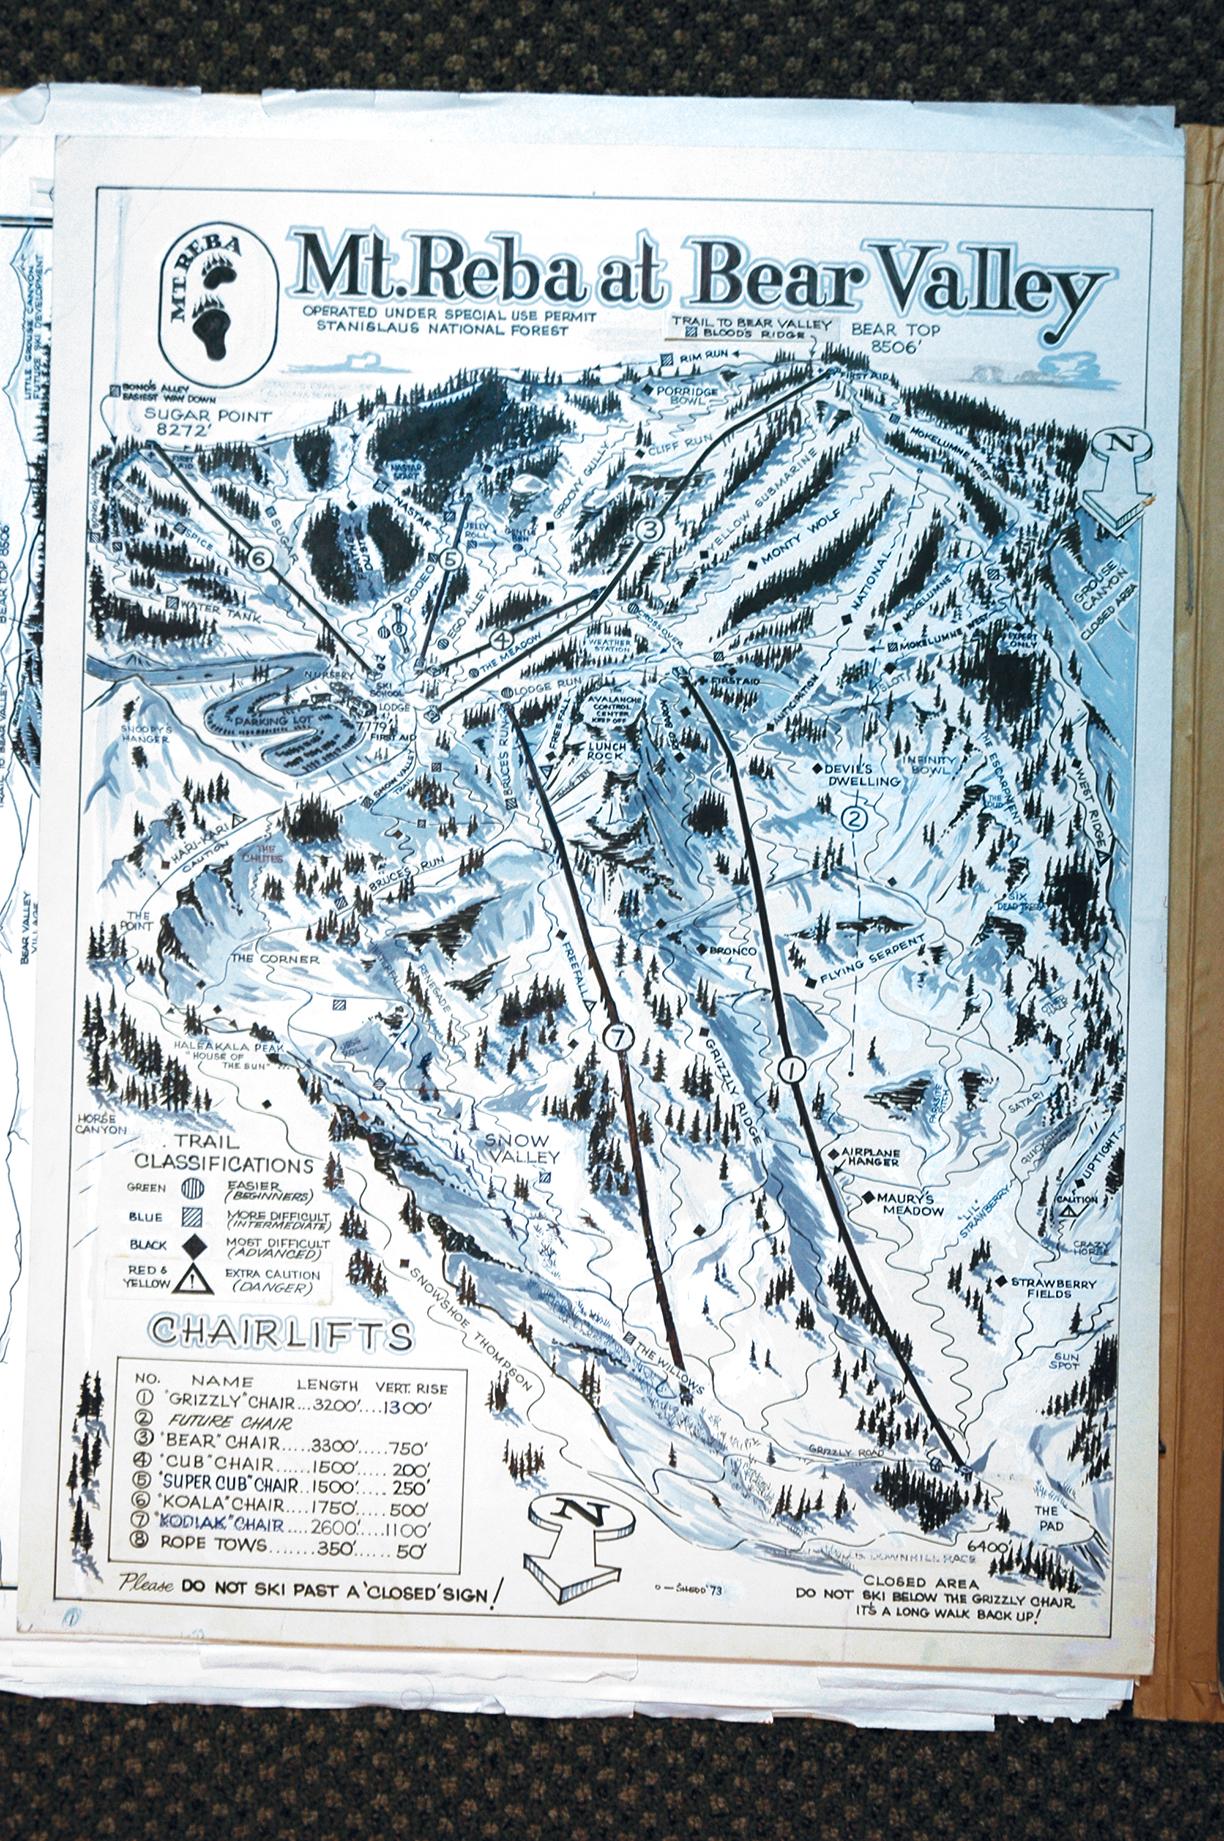 Mount Reba Ski Trail Map by Bob Shedd